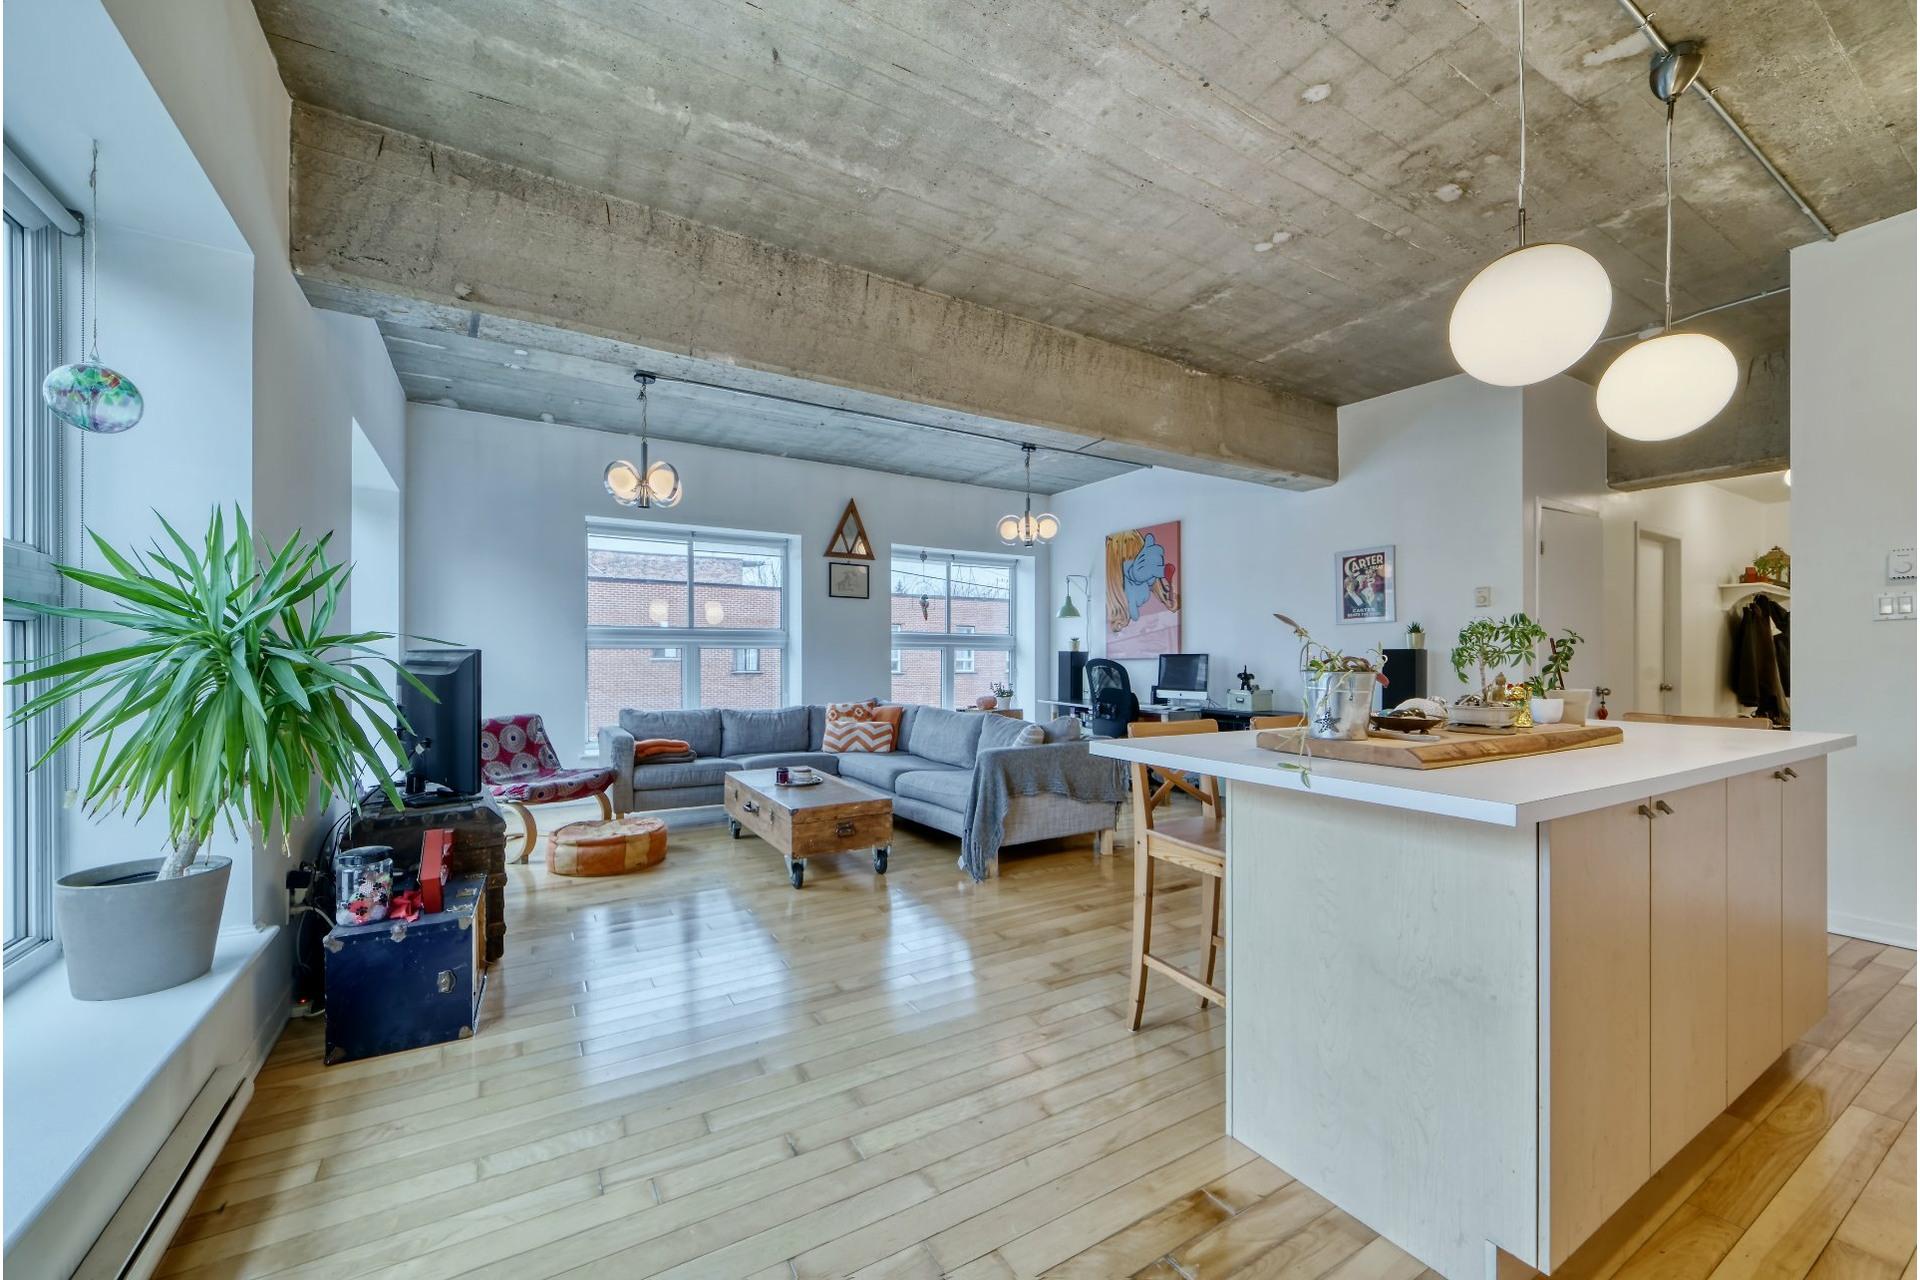 image 3 - Appartement À vendre Verdun/Île-des-Soeurs Montréal  - 3 pièces